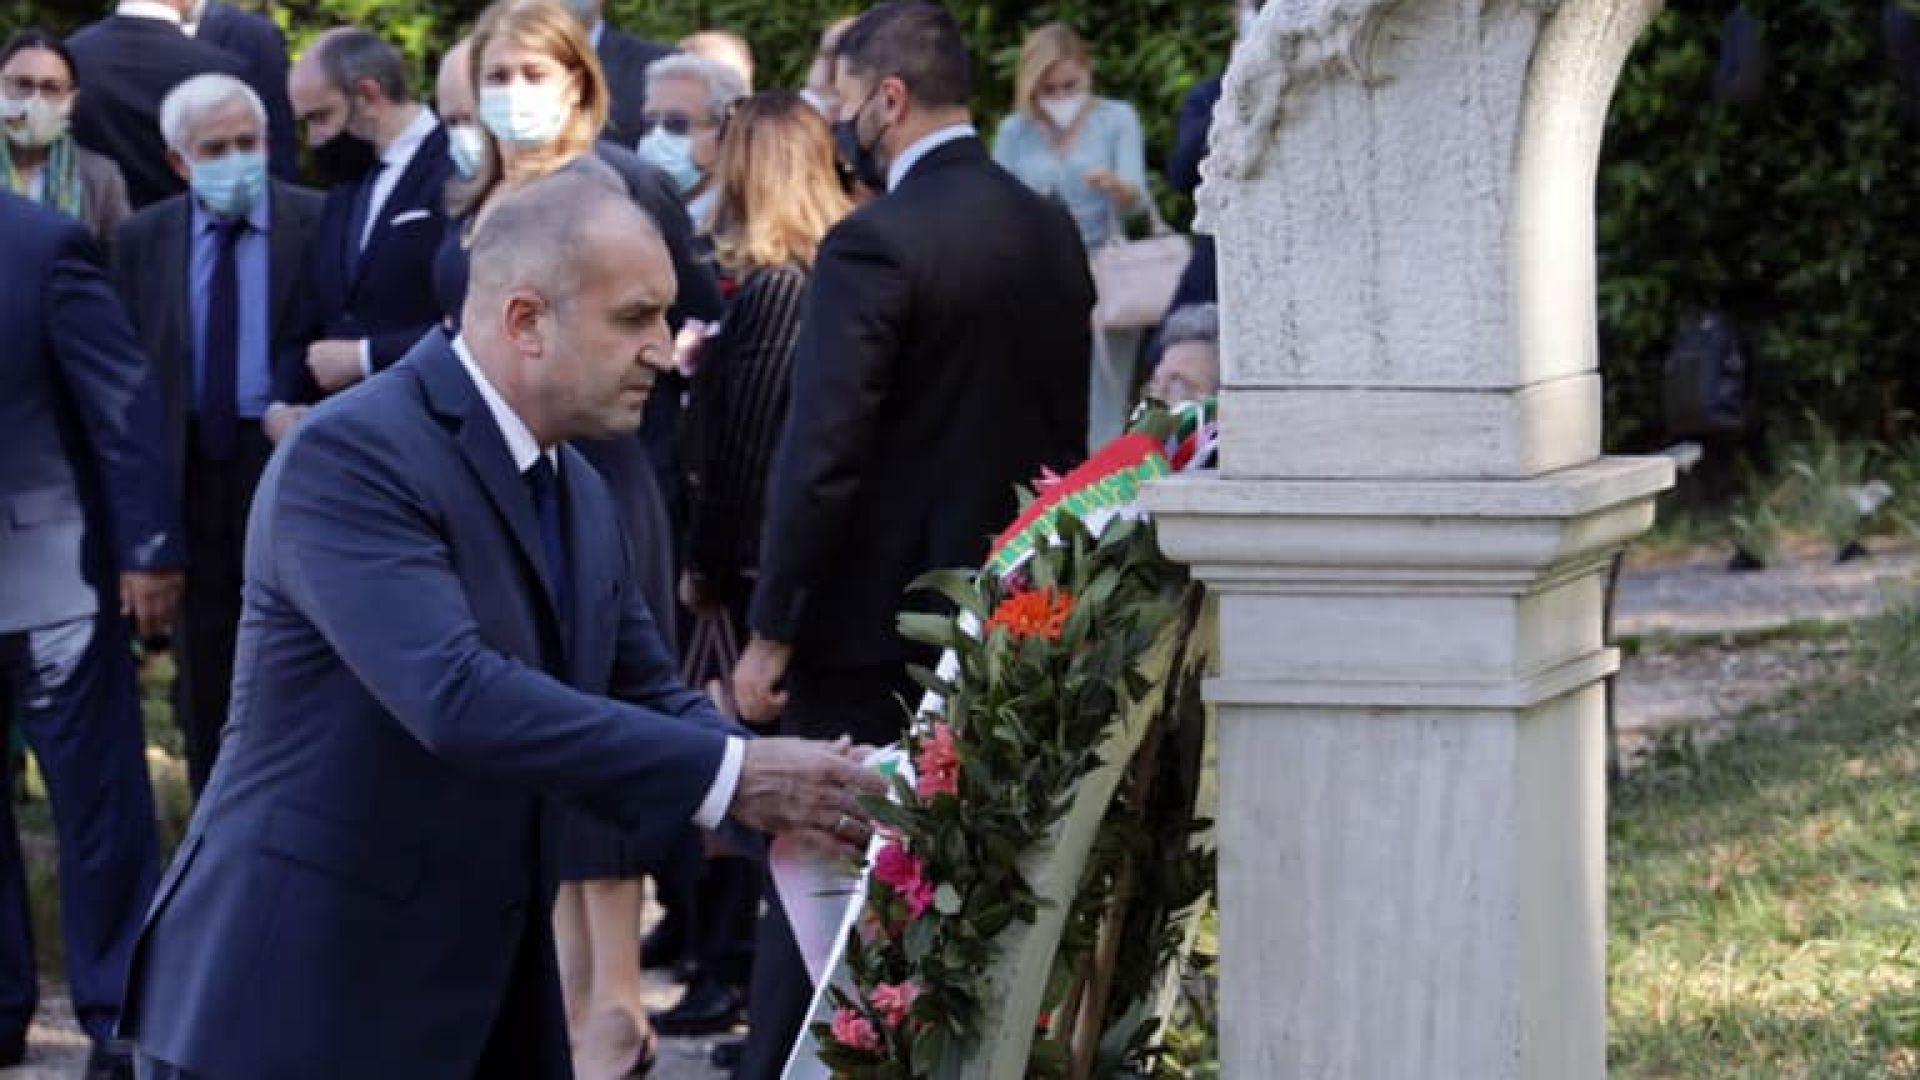 Румен Радев и българската делегация отидоха на паметника на Капитан Петко войвода в Рим